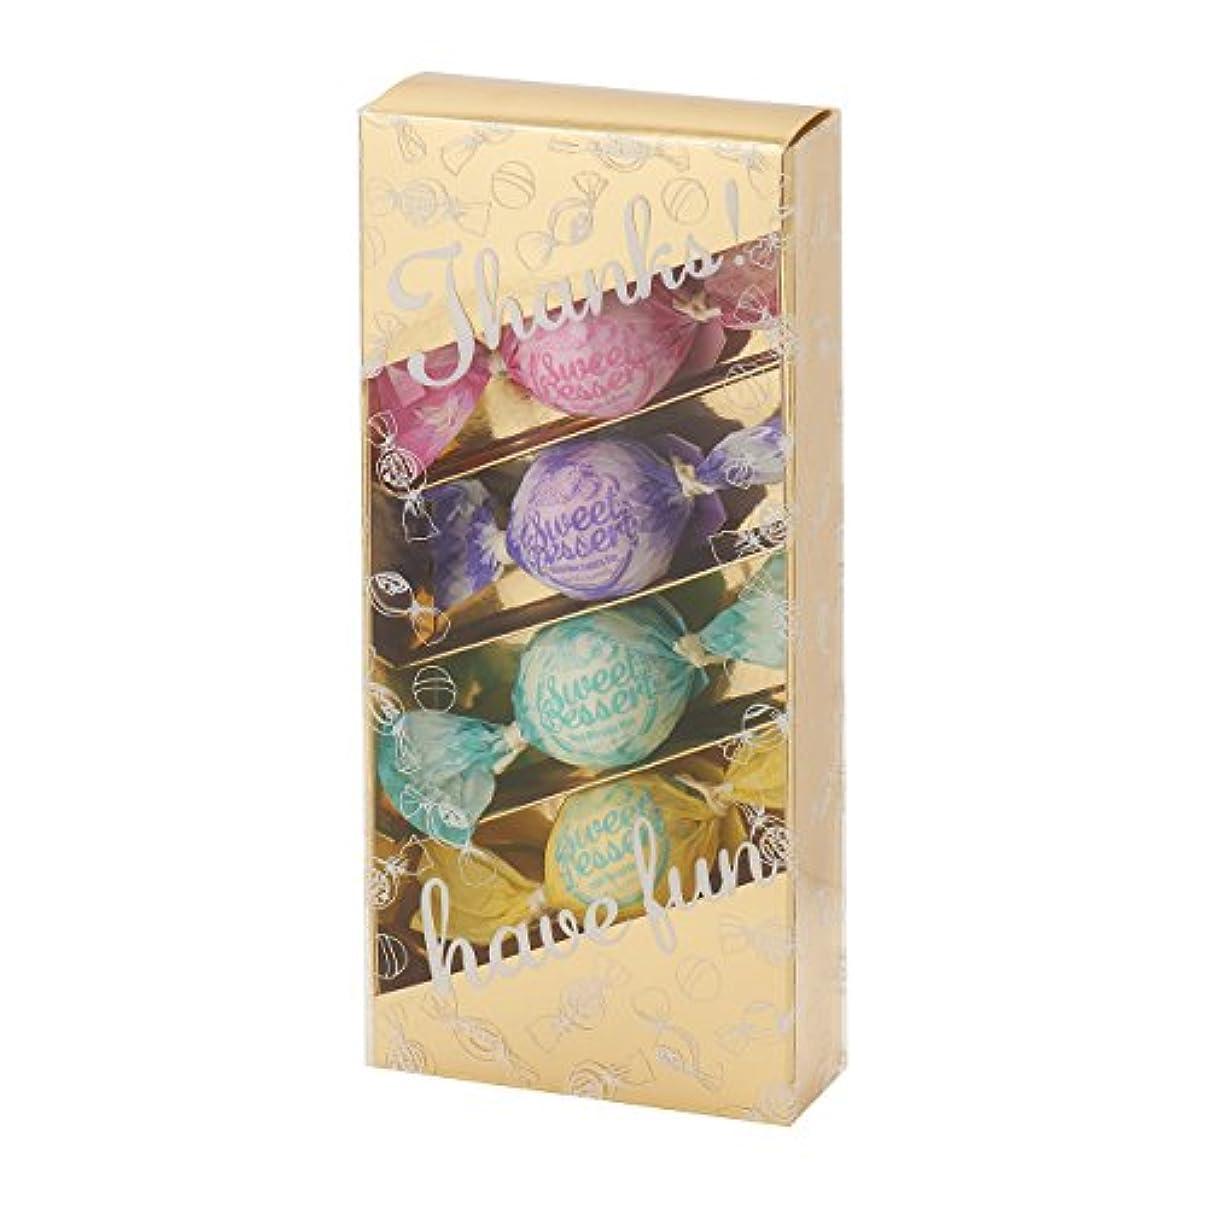 まだらリビングルーム起こるアマイワナ バスキャンディー4粒ギフトセット(35g×4個)ゴールド(発泡タイプ入浴料 バスギフト)